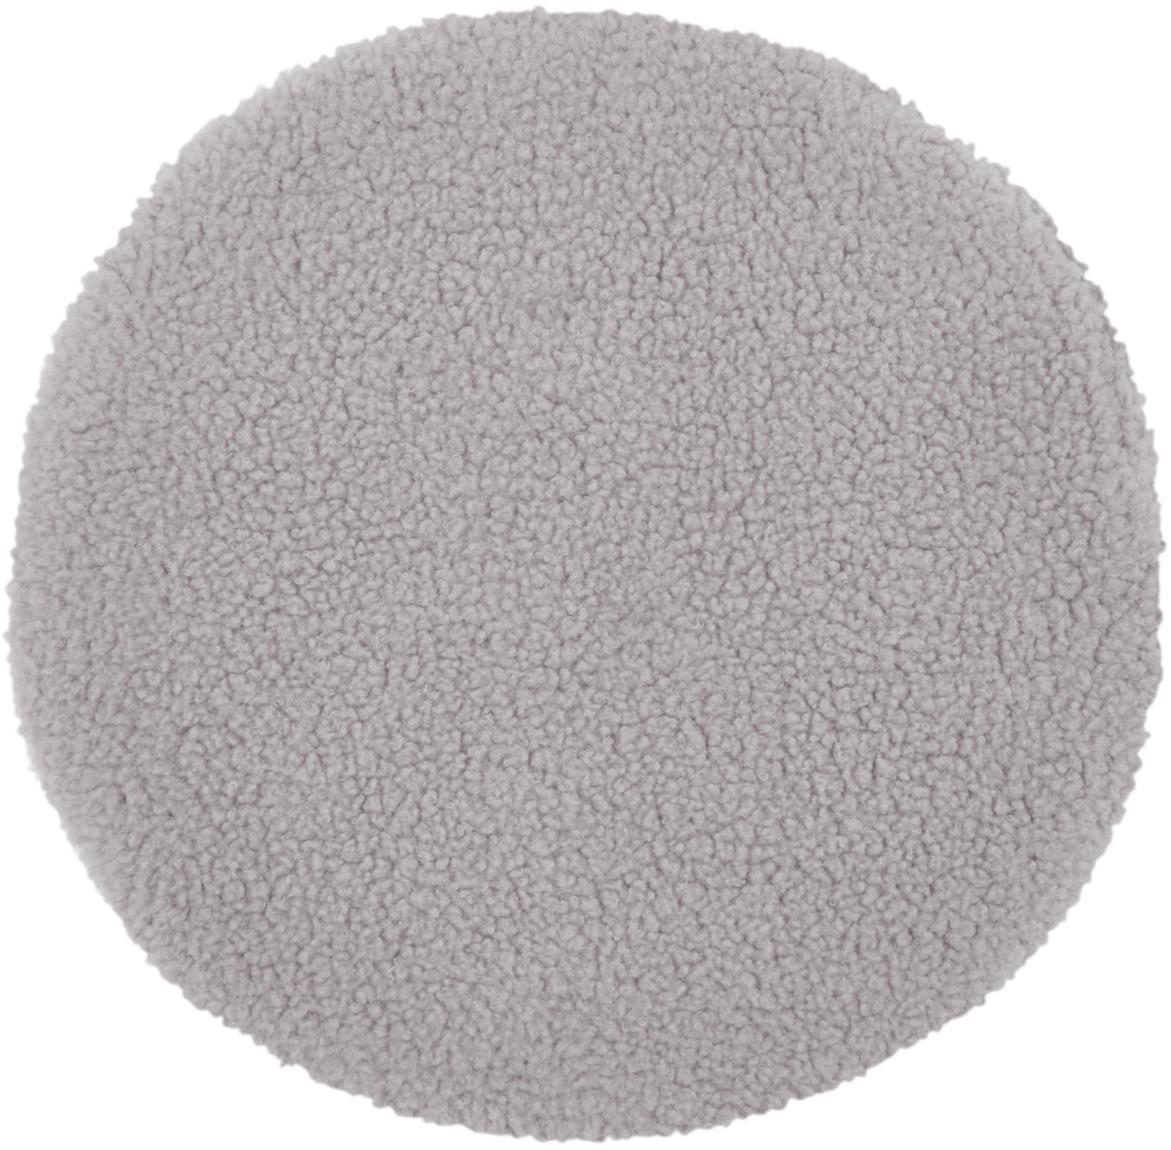 Runde Teddy-Sitzauflage Mille, Vorderseite: 100% Polyester (Teddyfell, Rückseite: 100% Polyester, Hellgrau, Ø 37 cm